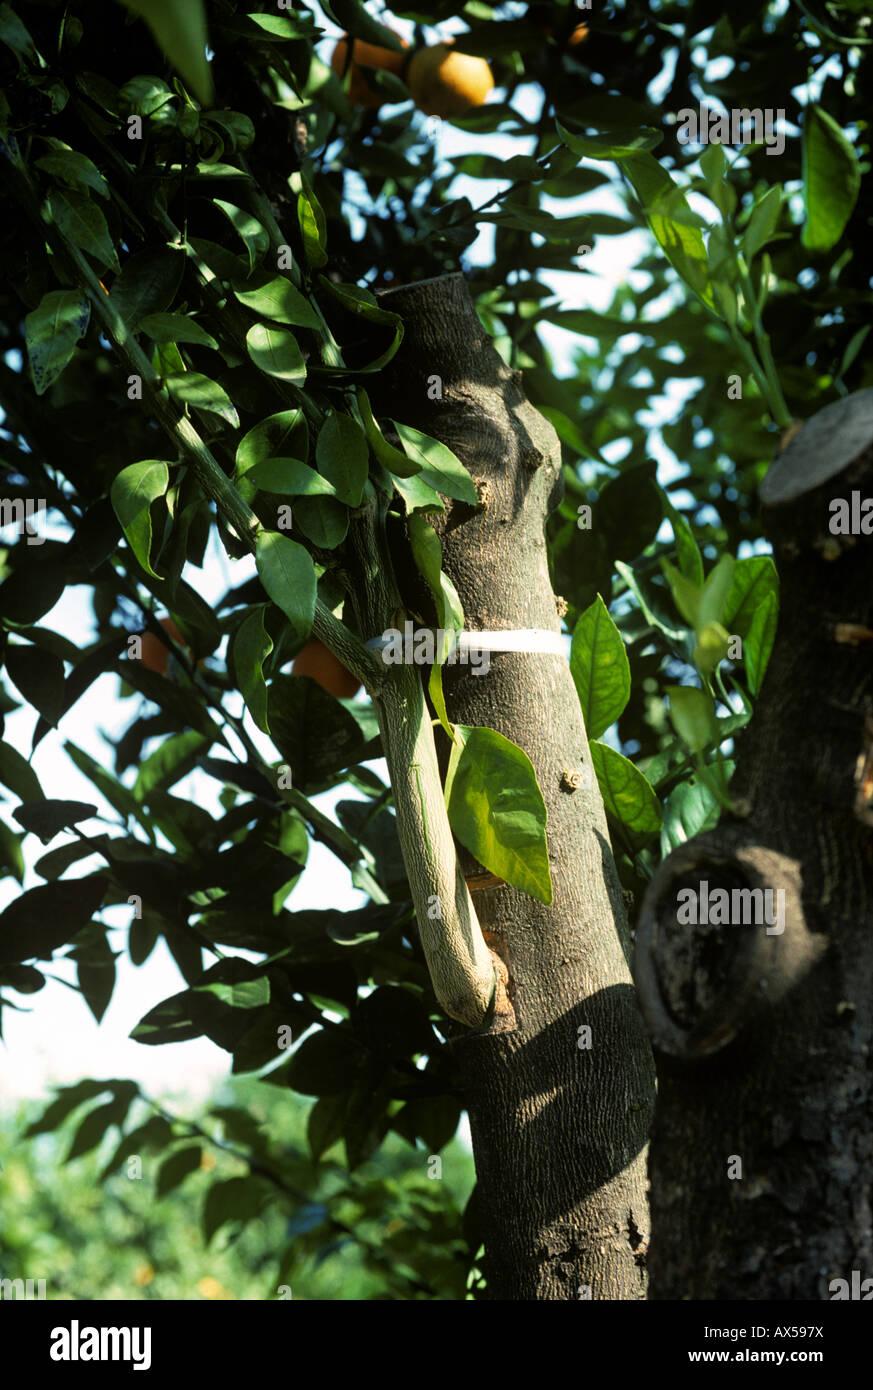 Il ramo innestate su un vecchio arancio portinnesto Spagna Immagini Stock